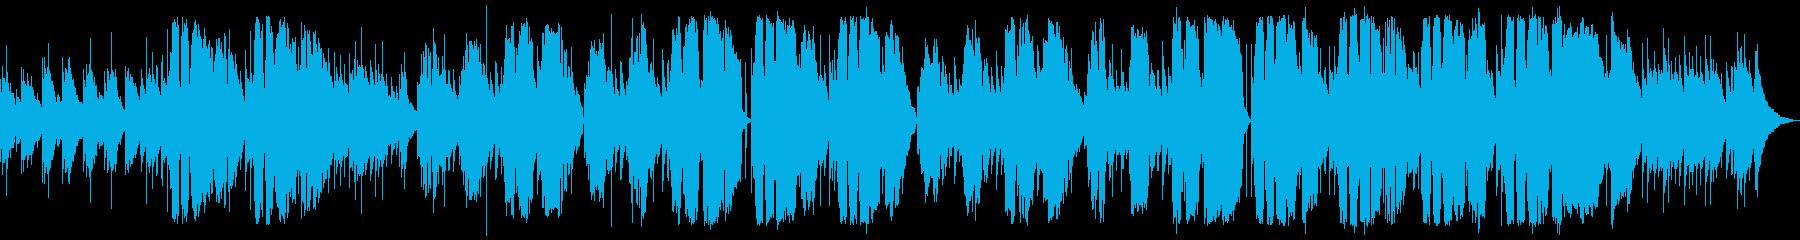 プラットホームの再生済みの波形